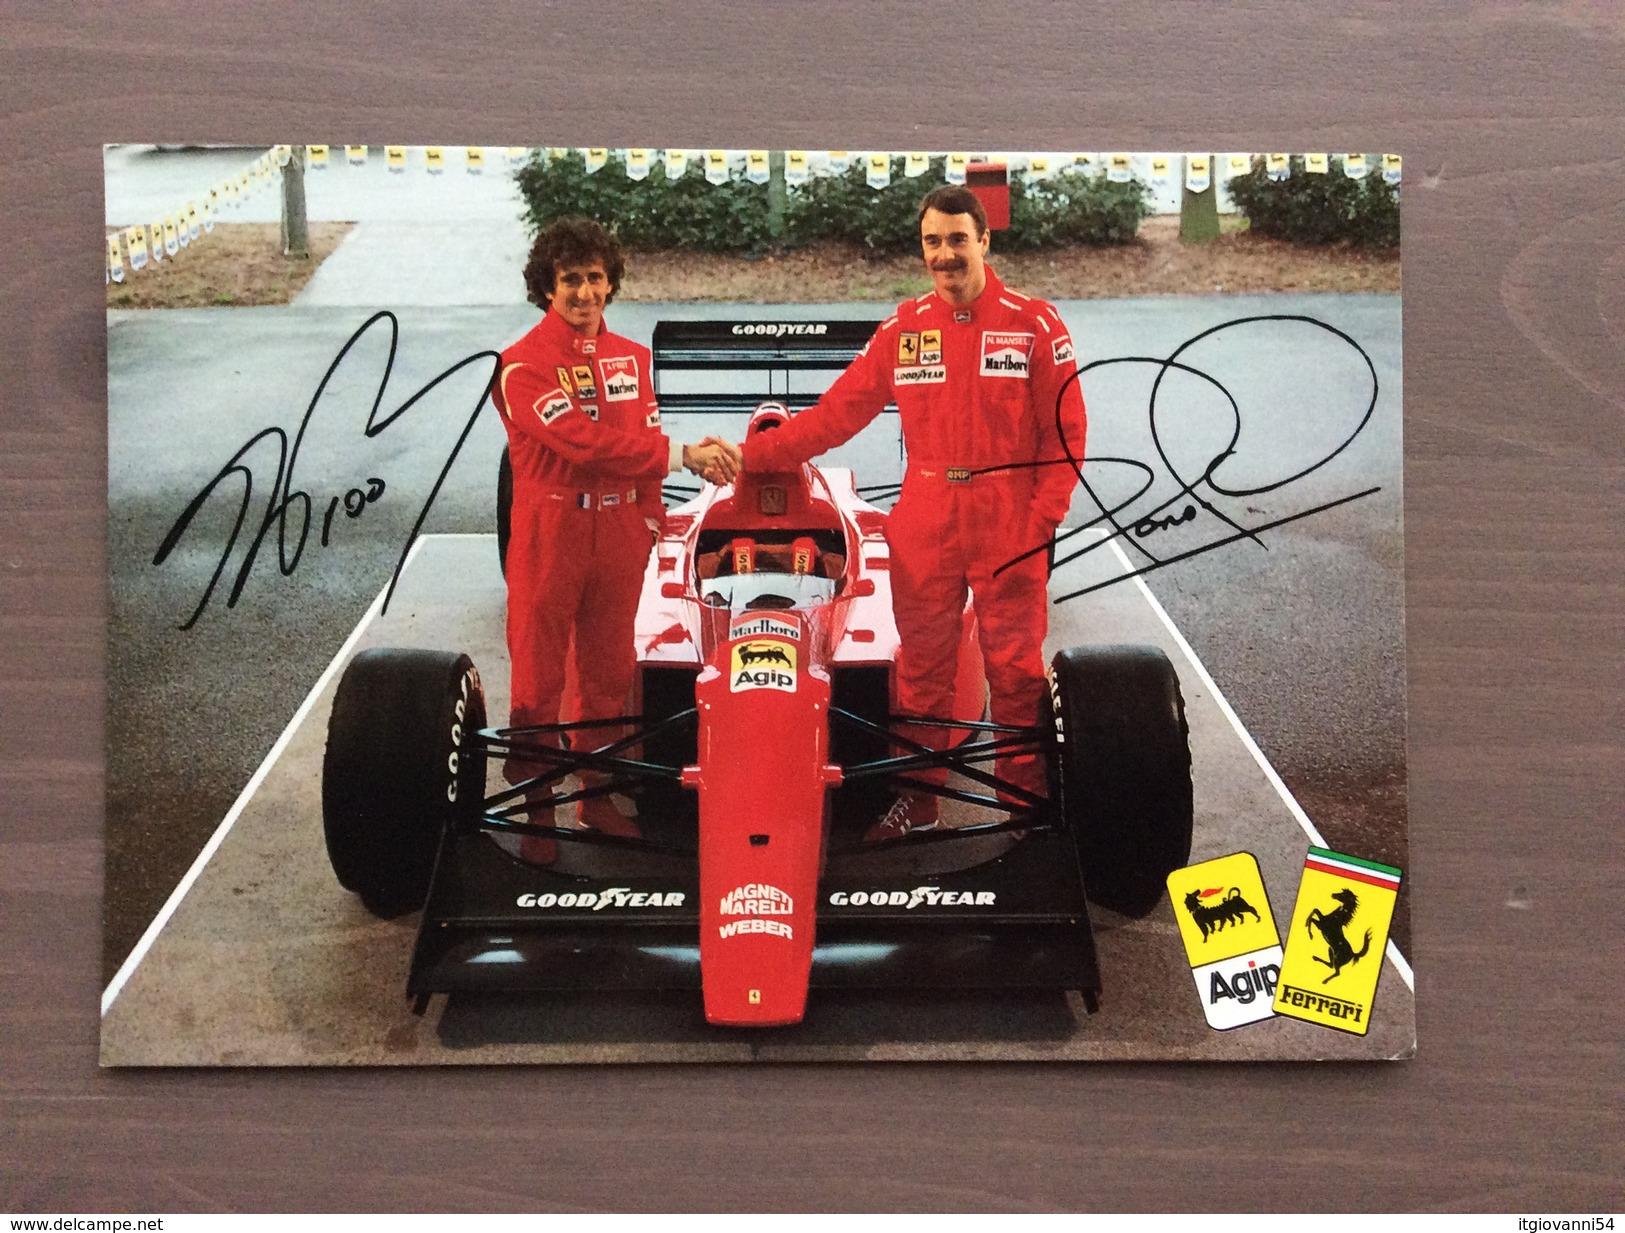 Cartoncino Ufficiale Ferrari Agip Presentazione Stagione  F1 Del 1990 Prost E Mansell - Grand Prix / F1